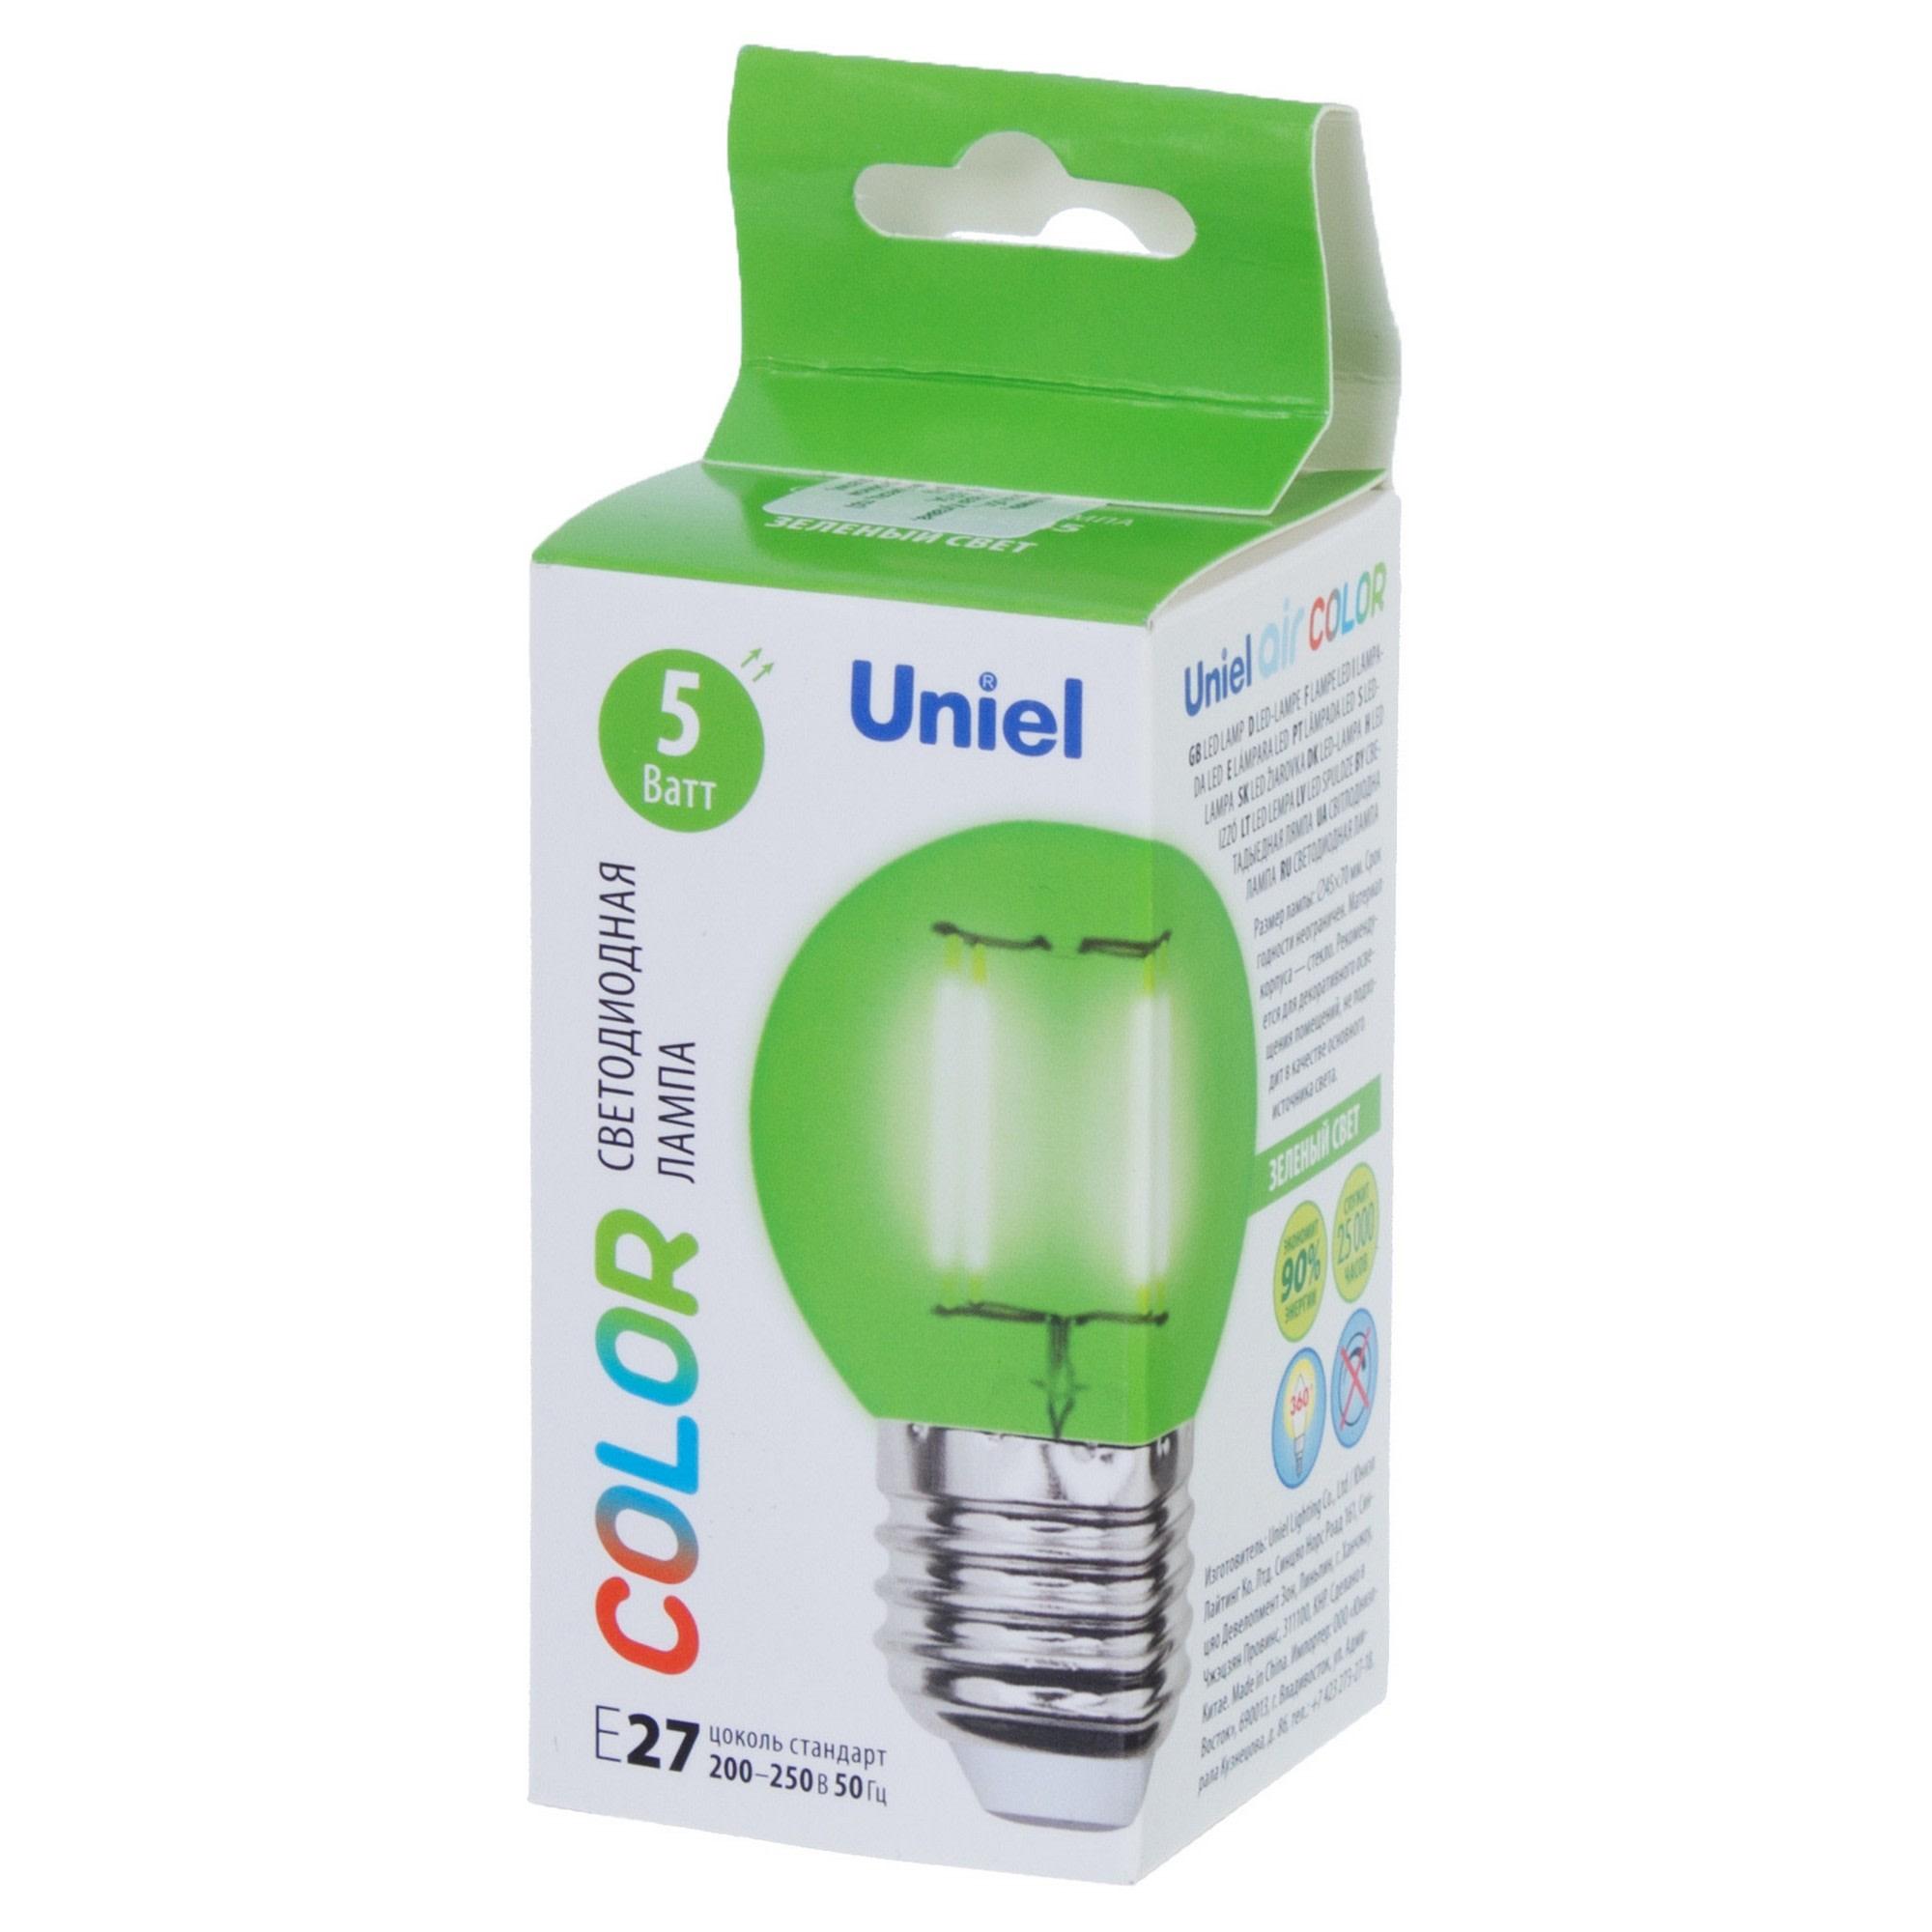 Лампа светодиодная Uniel Color шар E27 5 Вт свет зеленый